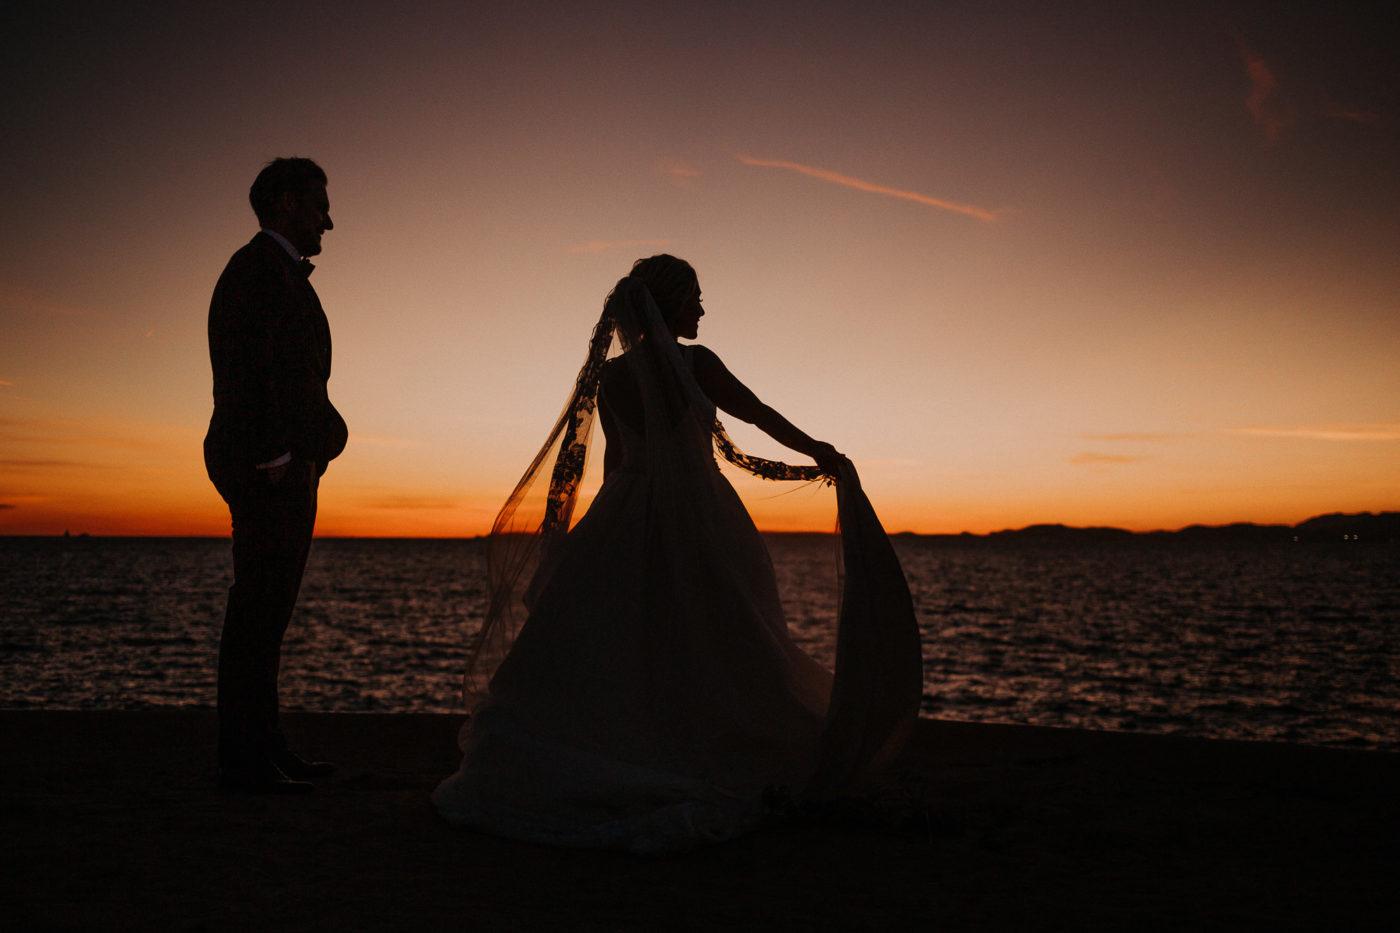 Silhouetten Foto vom Brautpaar zum Sonnenuntergang